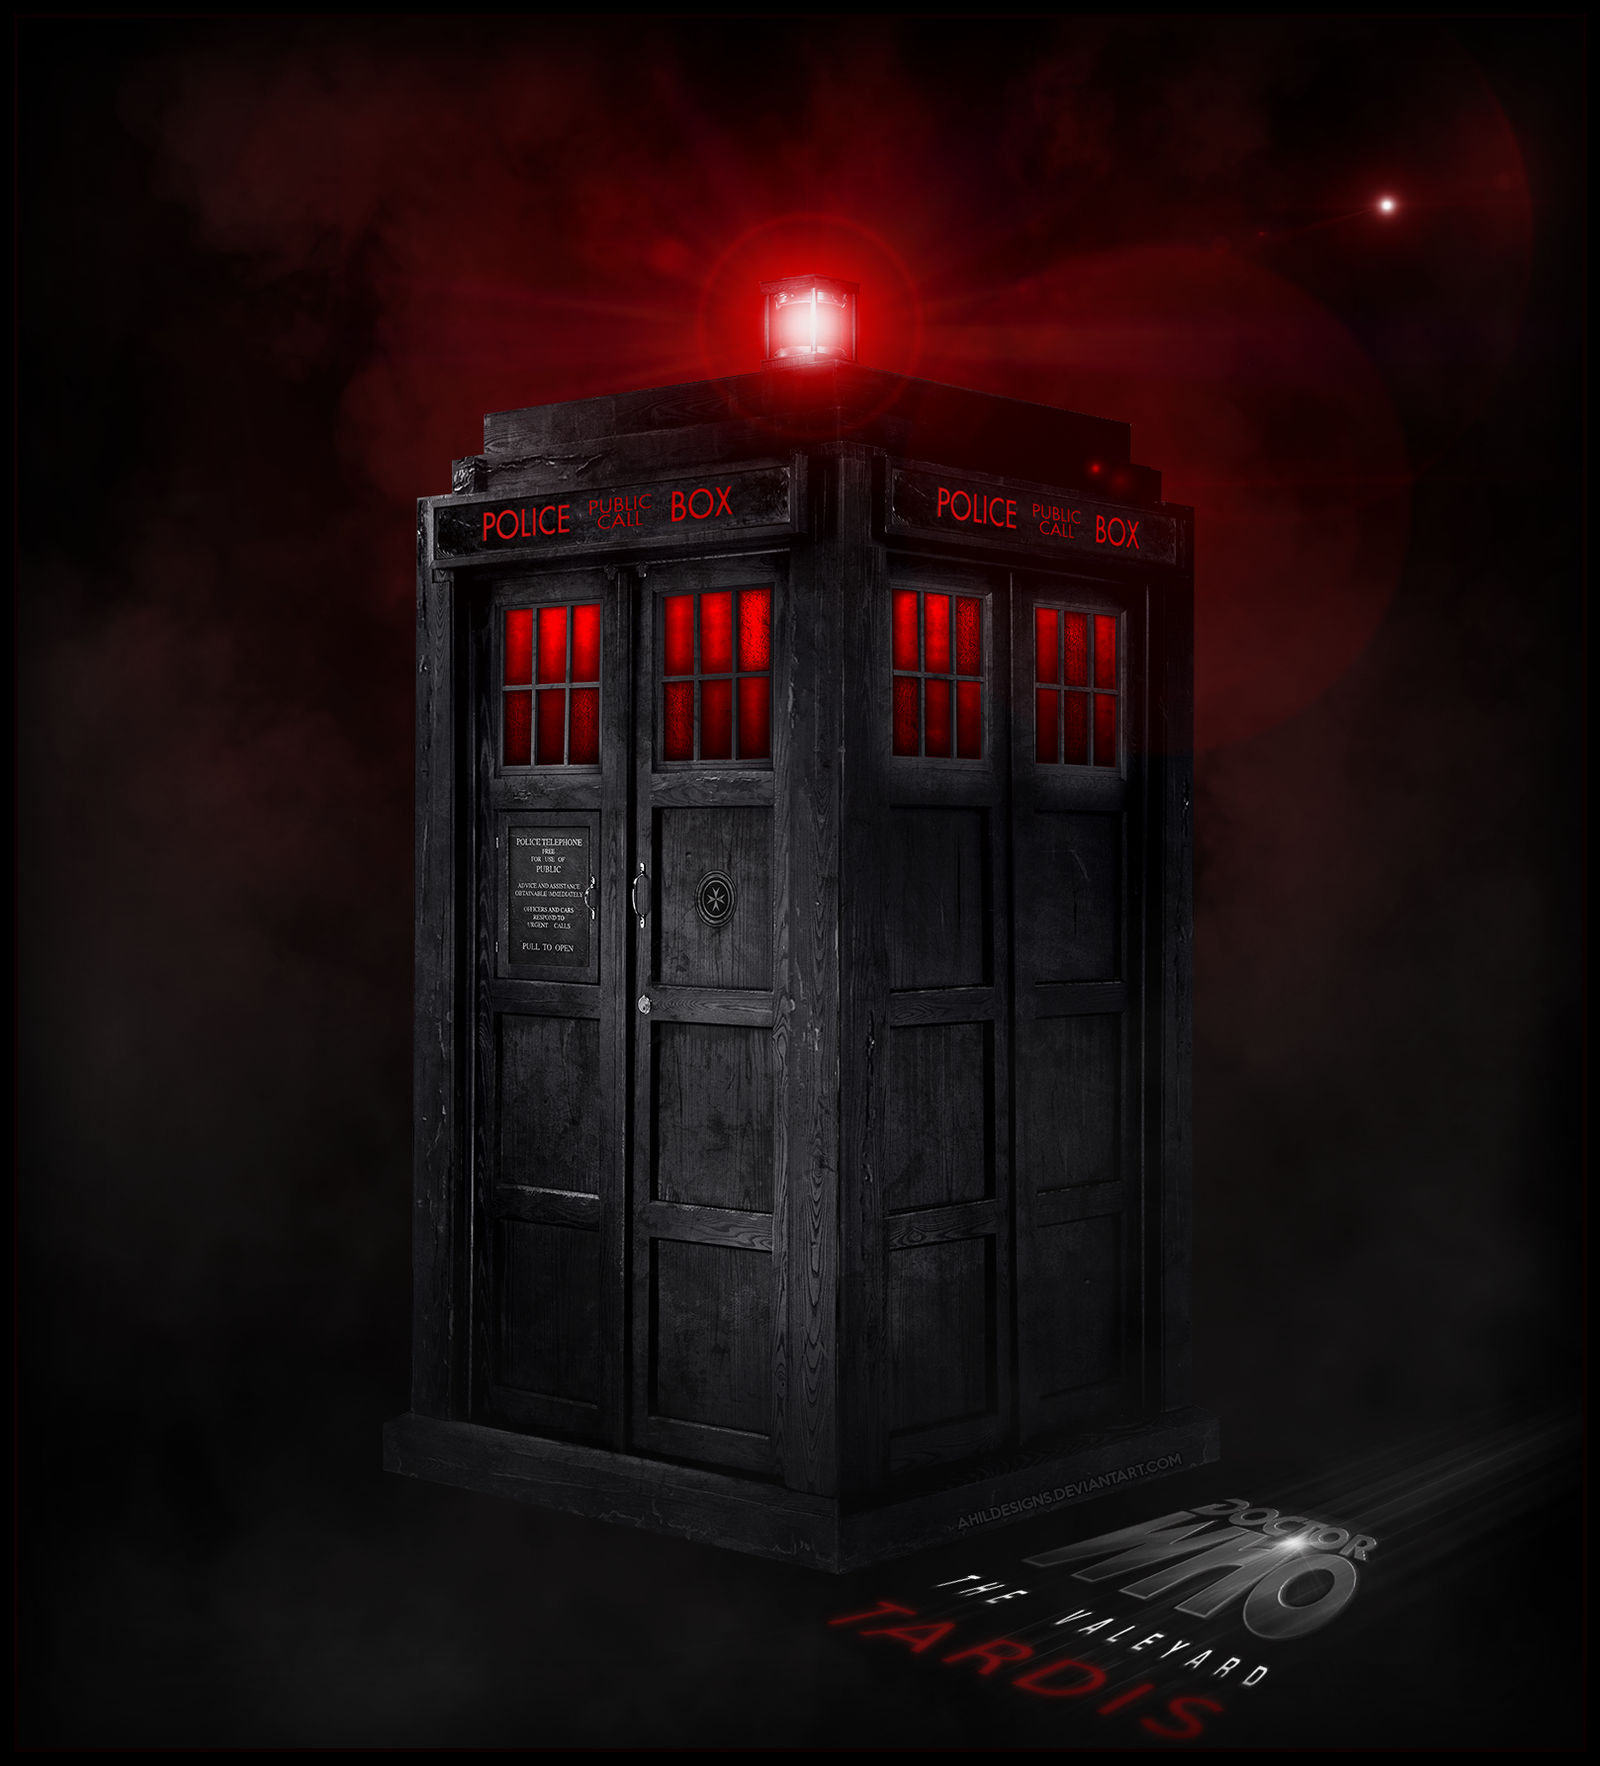 The Valeyard's Black TARDIS by AHiLdesigns